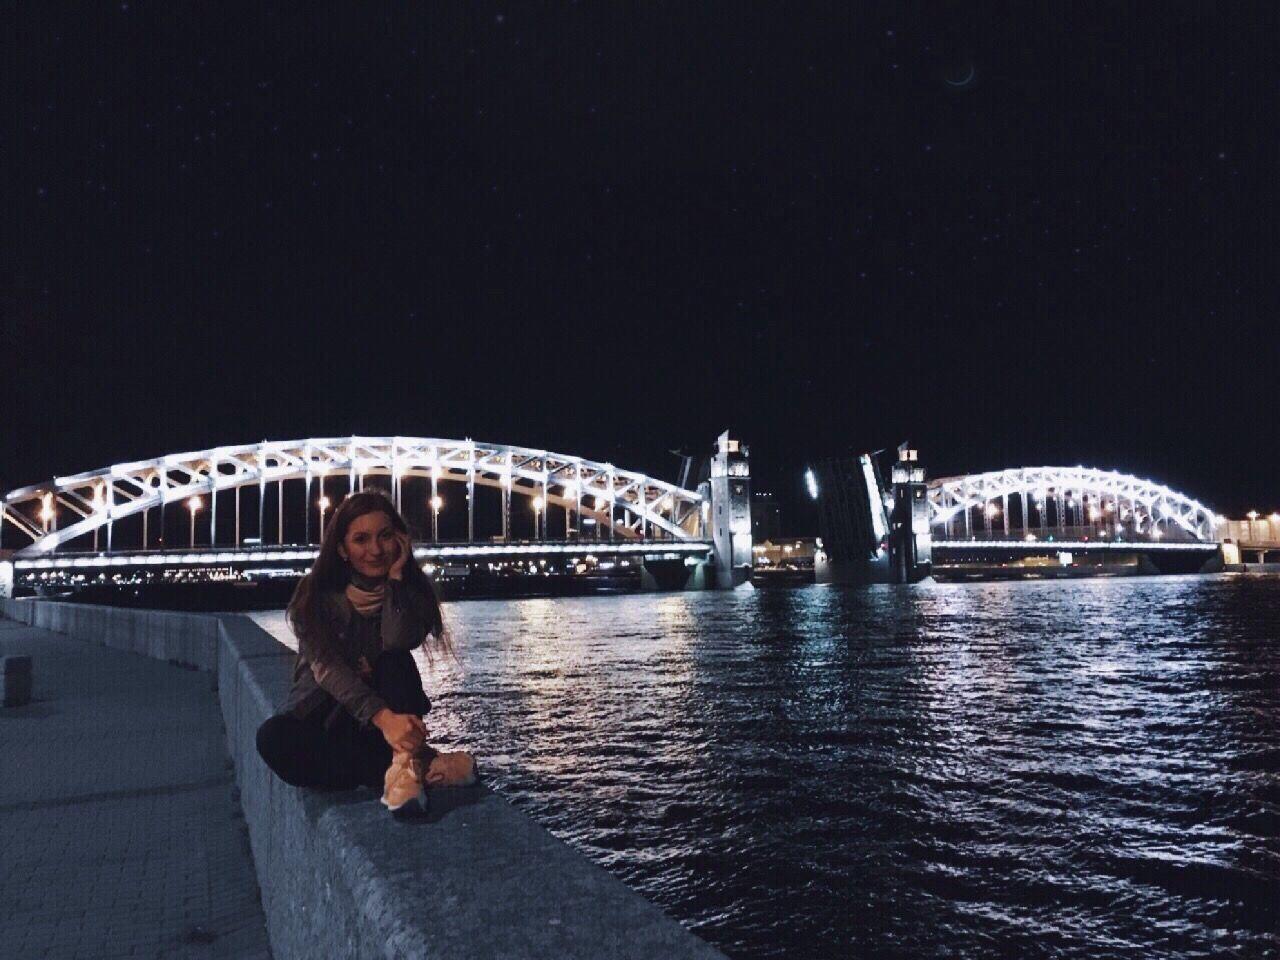 Оксана Зорина: Это уникальная возможность стать сопричастным к формированию главного закона твоей страны